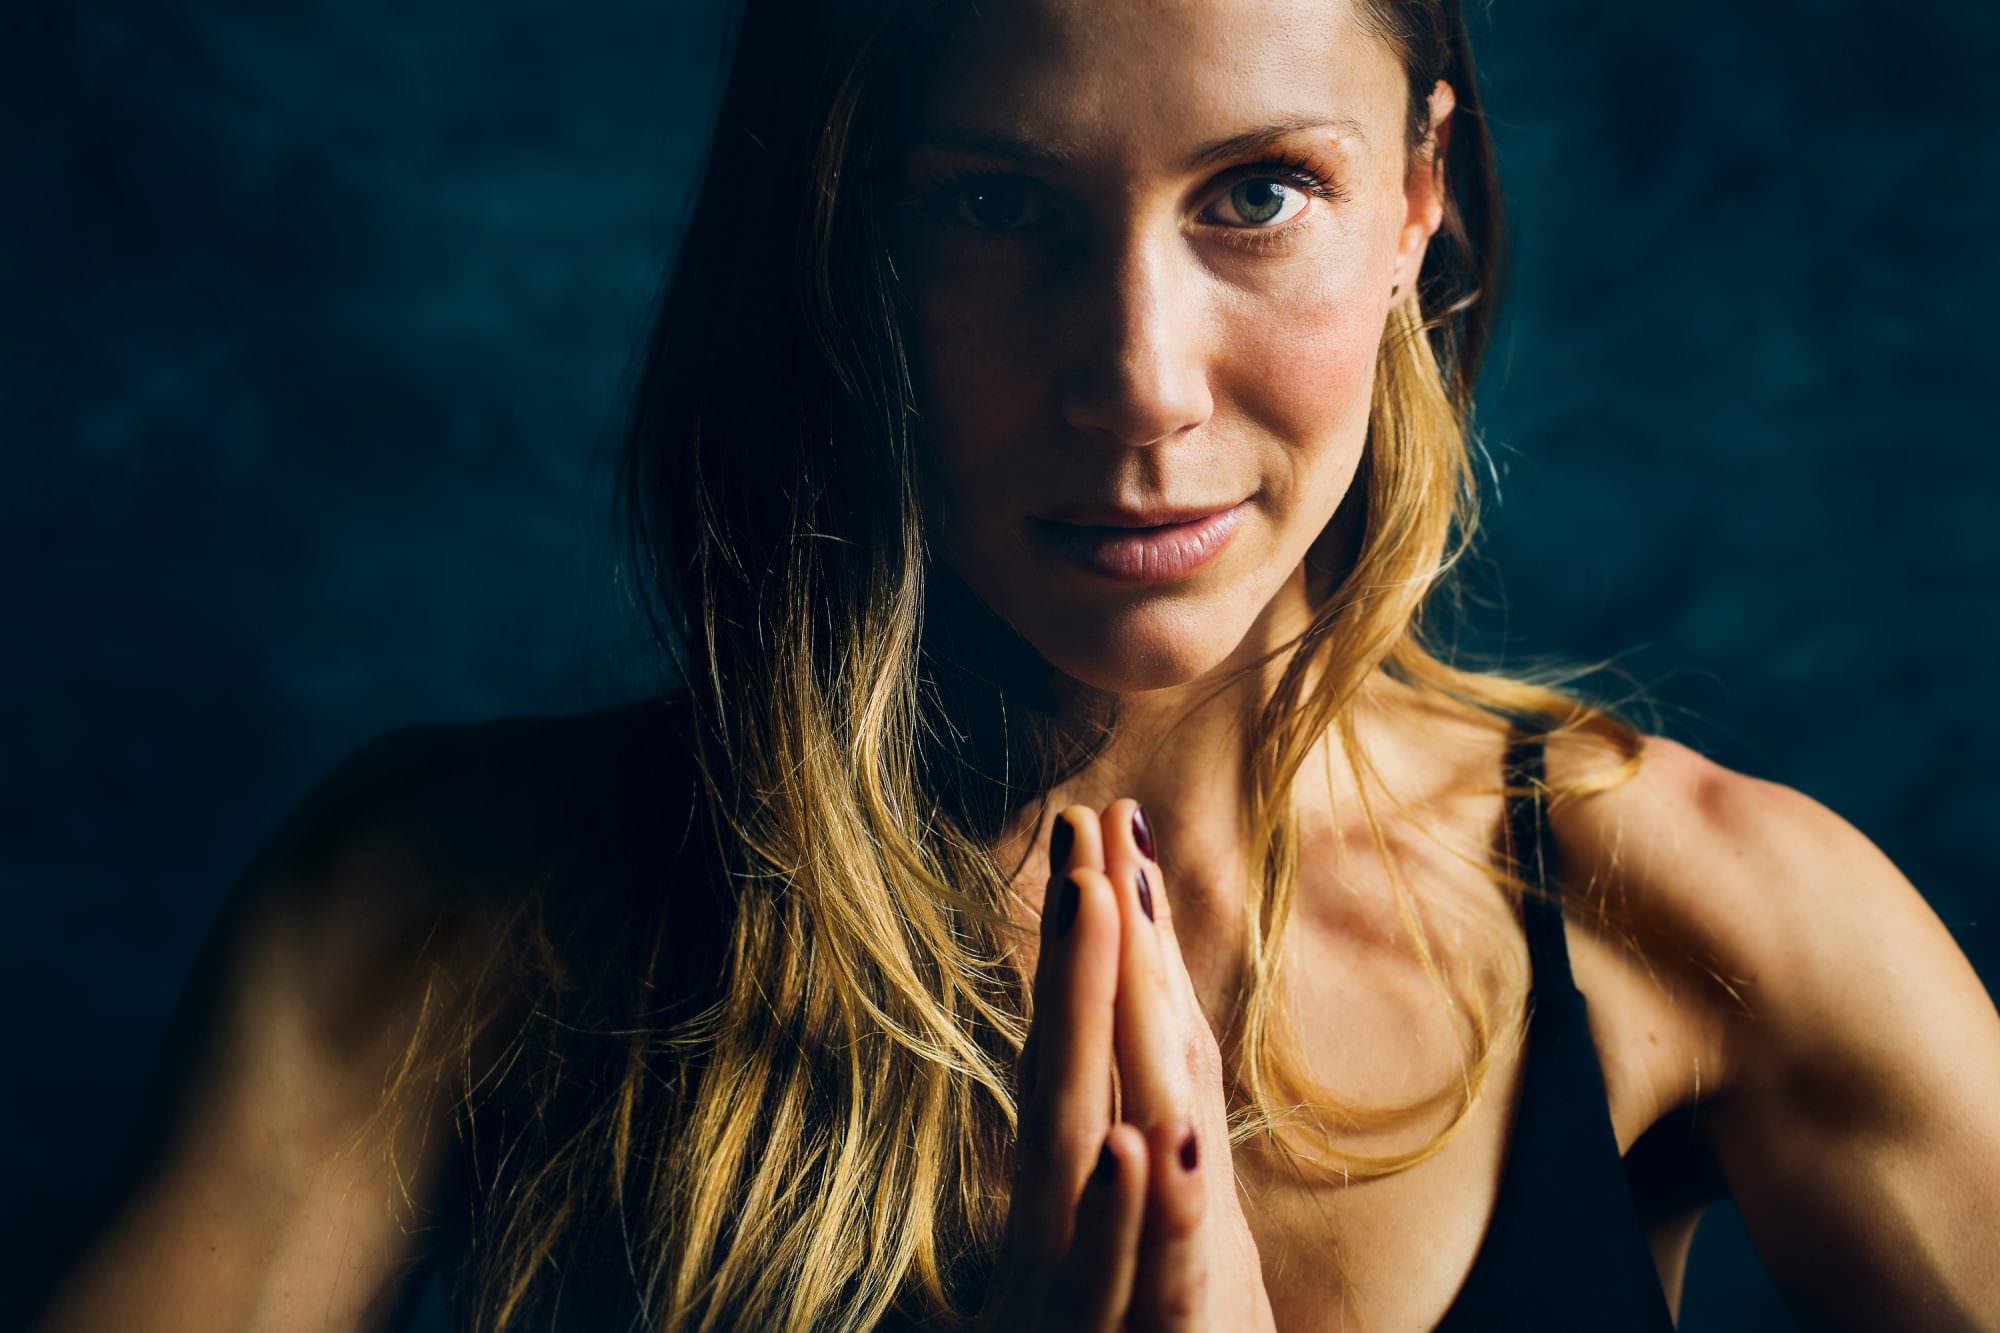 twist_yoga_lake_oswego_branding_headshots006-4